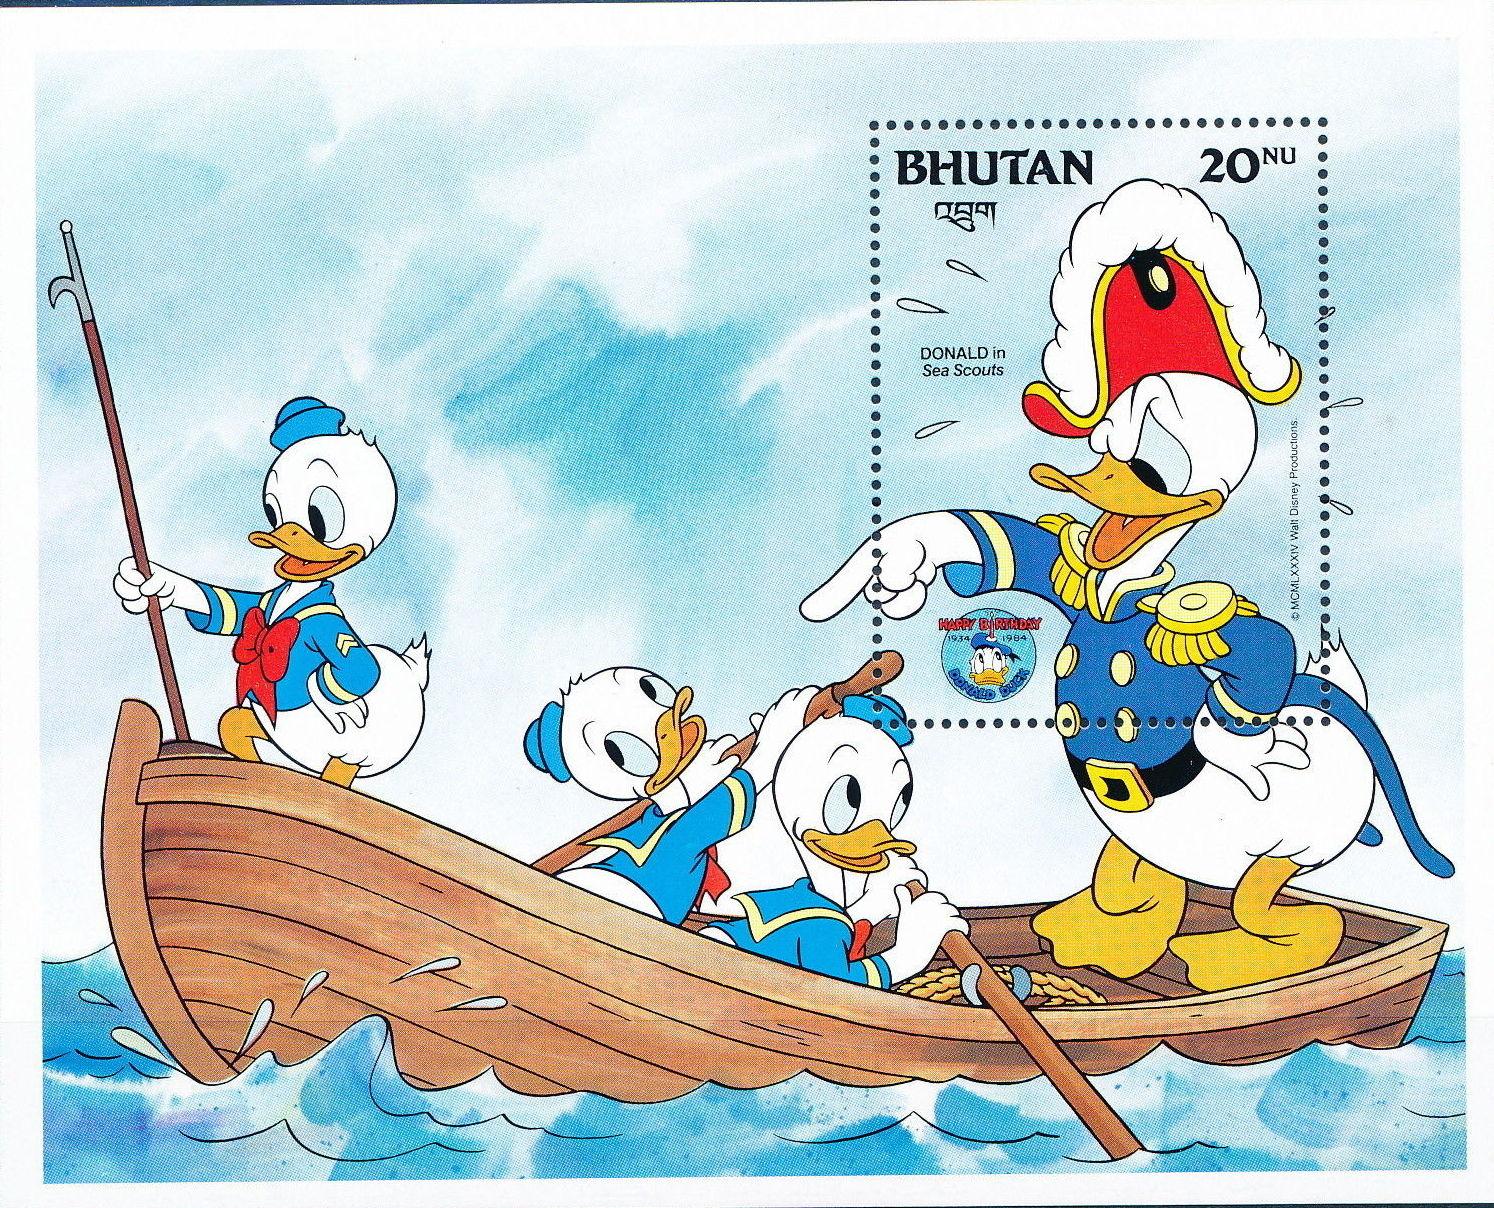 Bhutan 1984 50th Anniversary of Donald Duck p.jpg